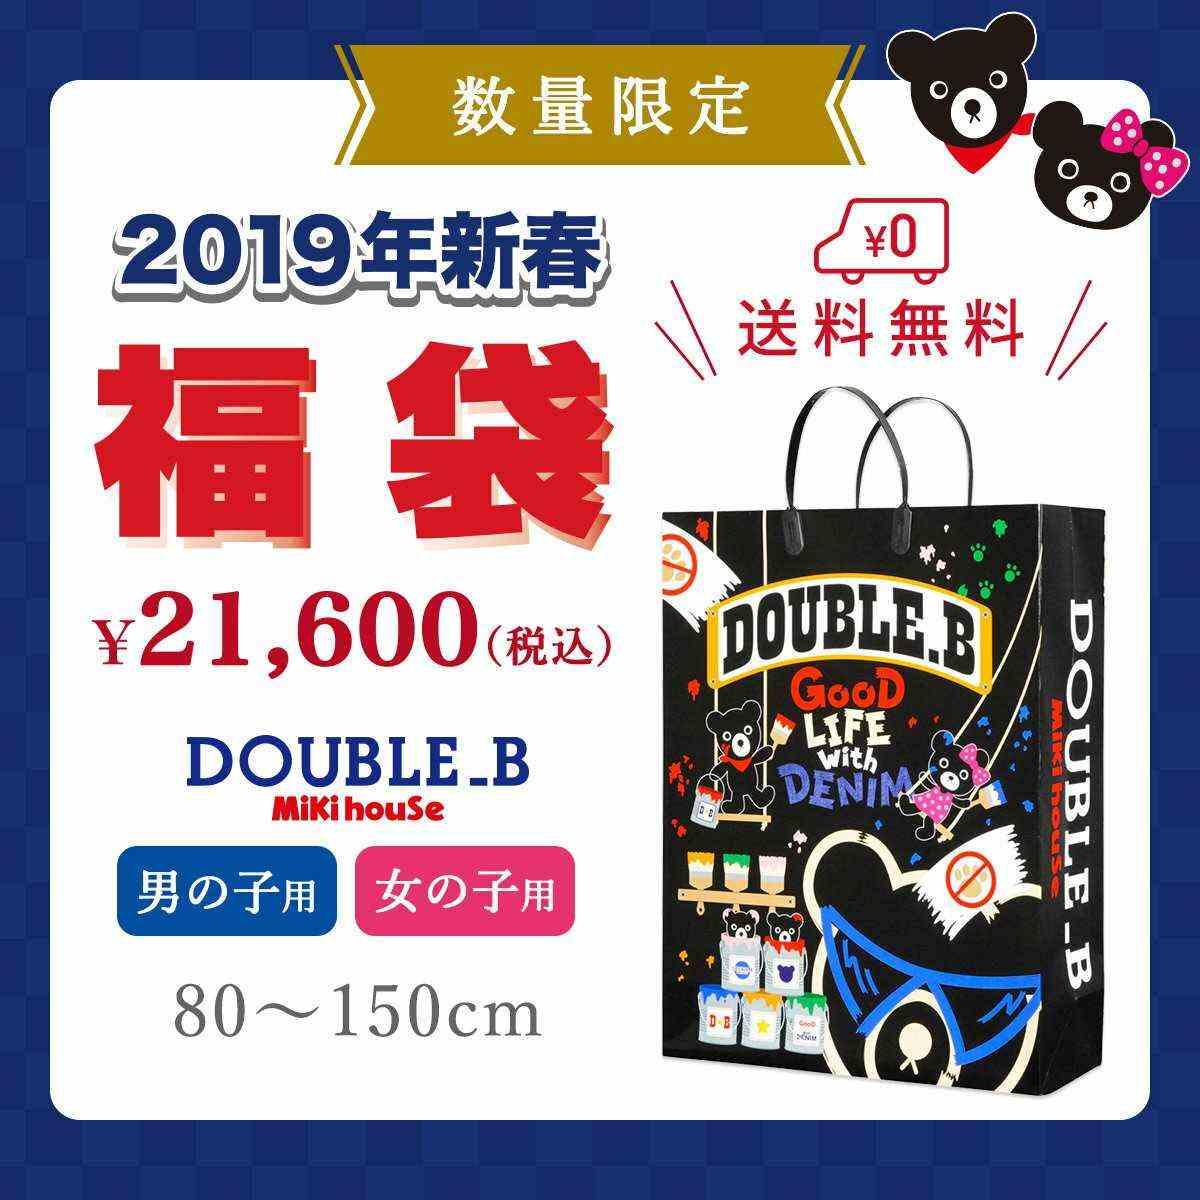 ダブルB DOUBLE_B 2万円福袋 新春福袋 80-150cm 福袋 キッズ 2019